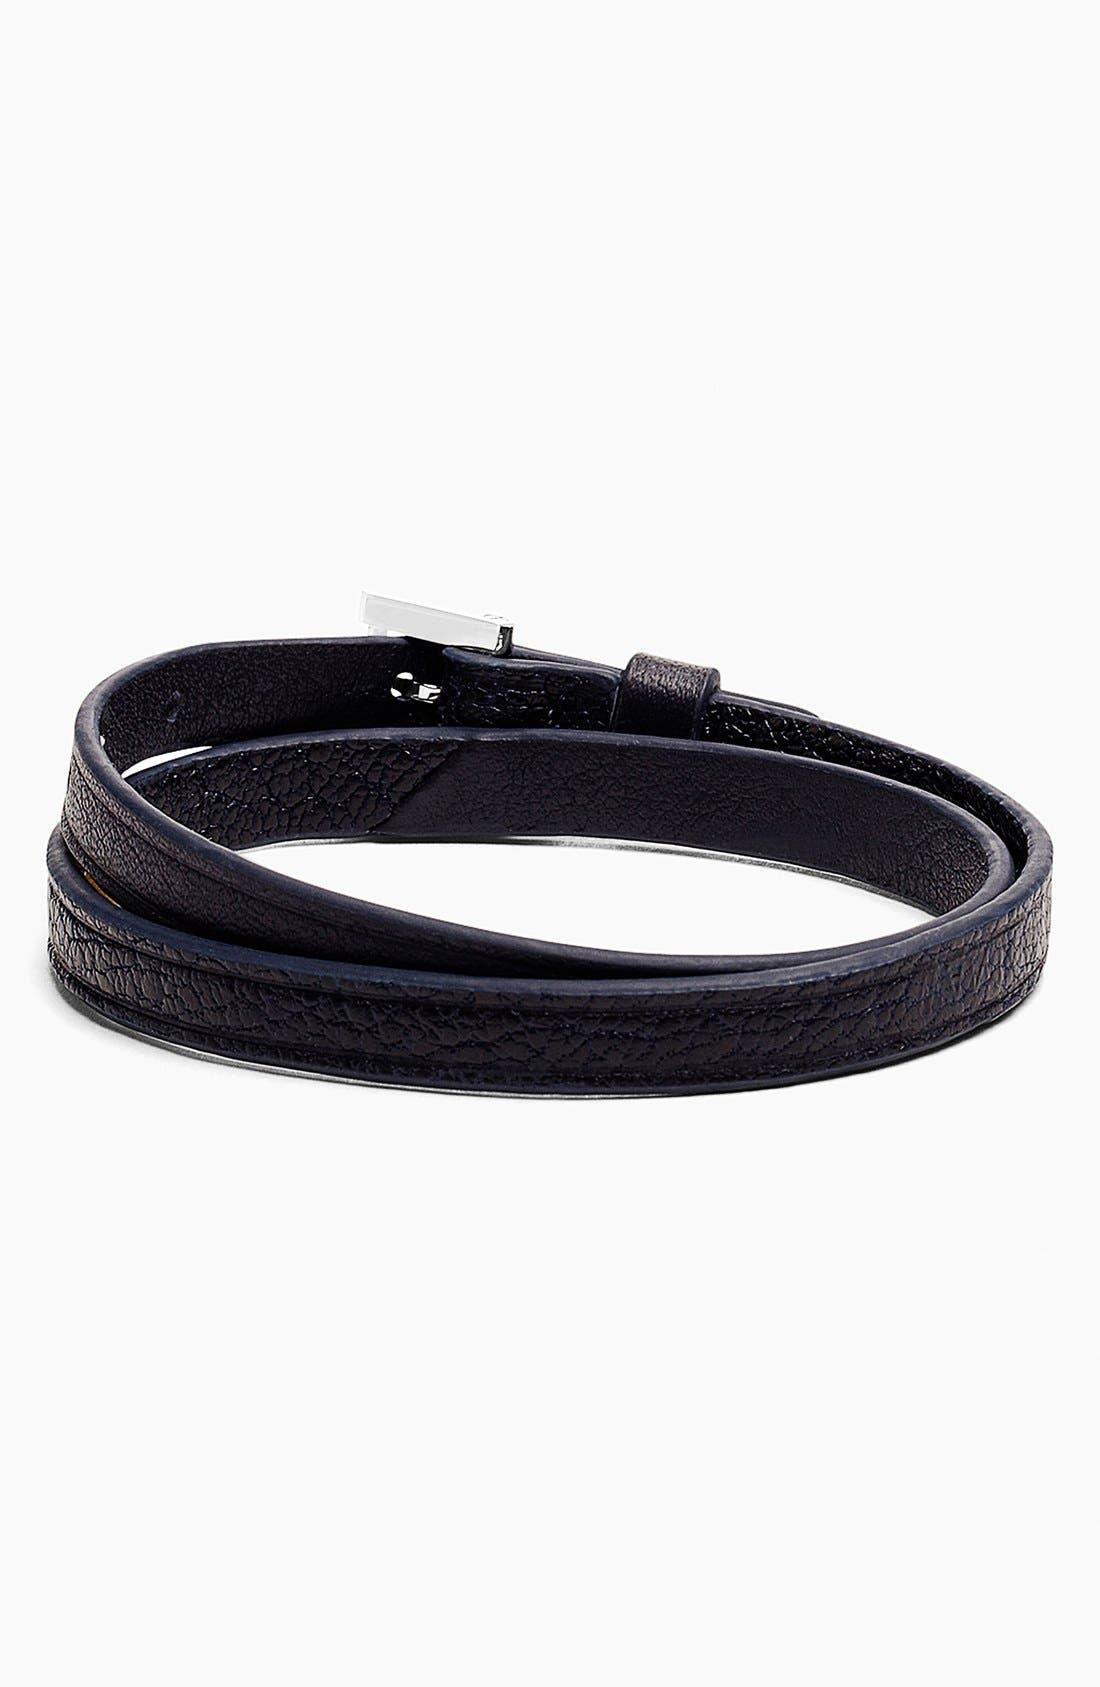 Alternate Image 2  - WANT Les Essentiels de la Vie 'Vantaa' Two-Tone Buckle Bracelet